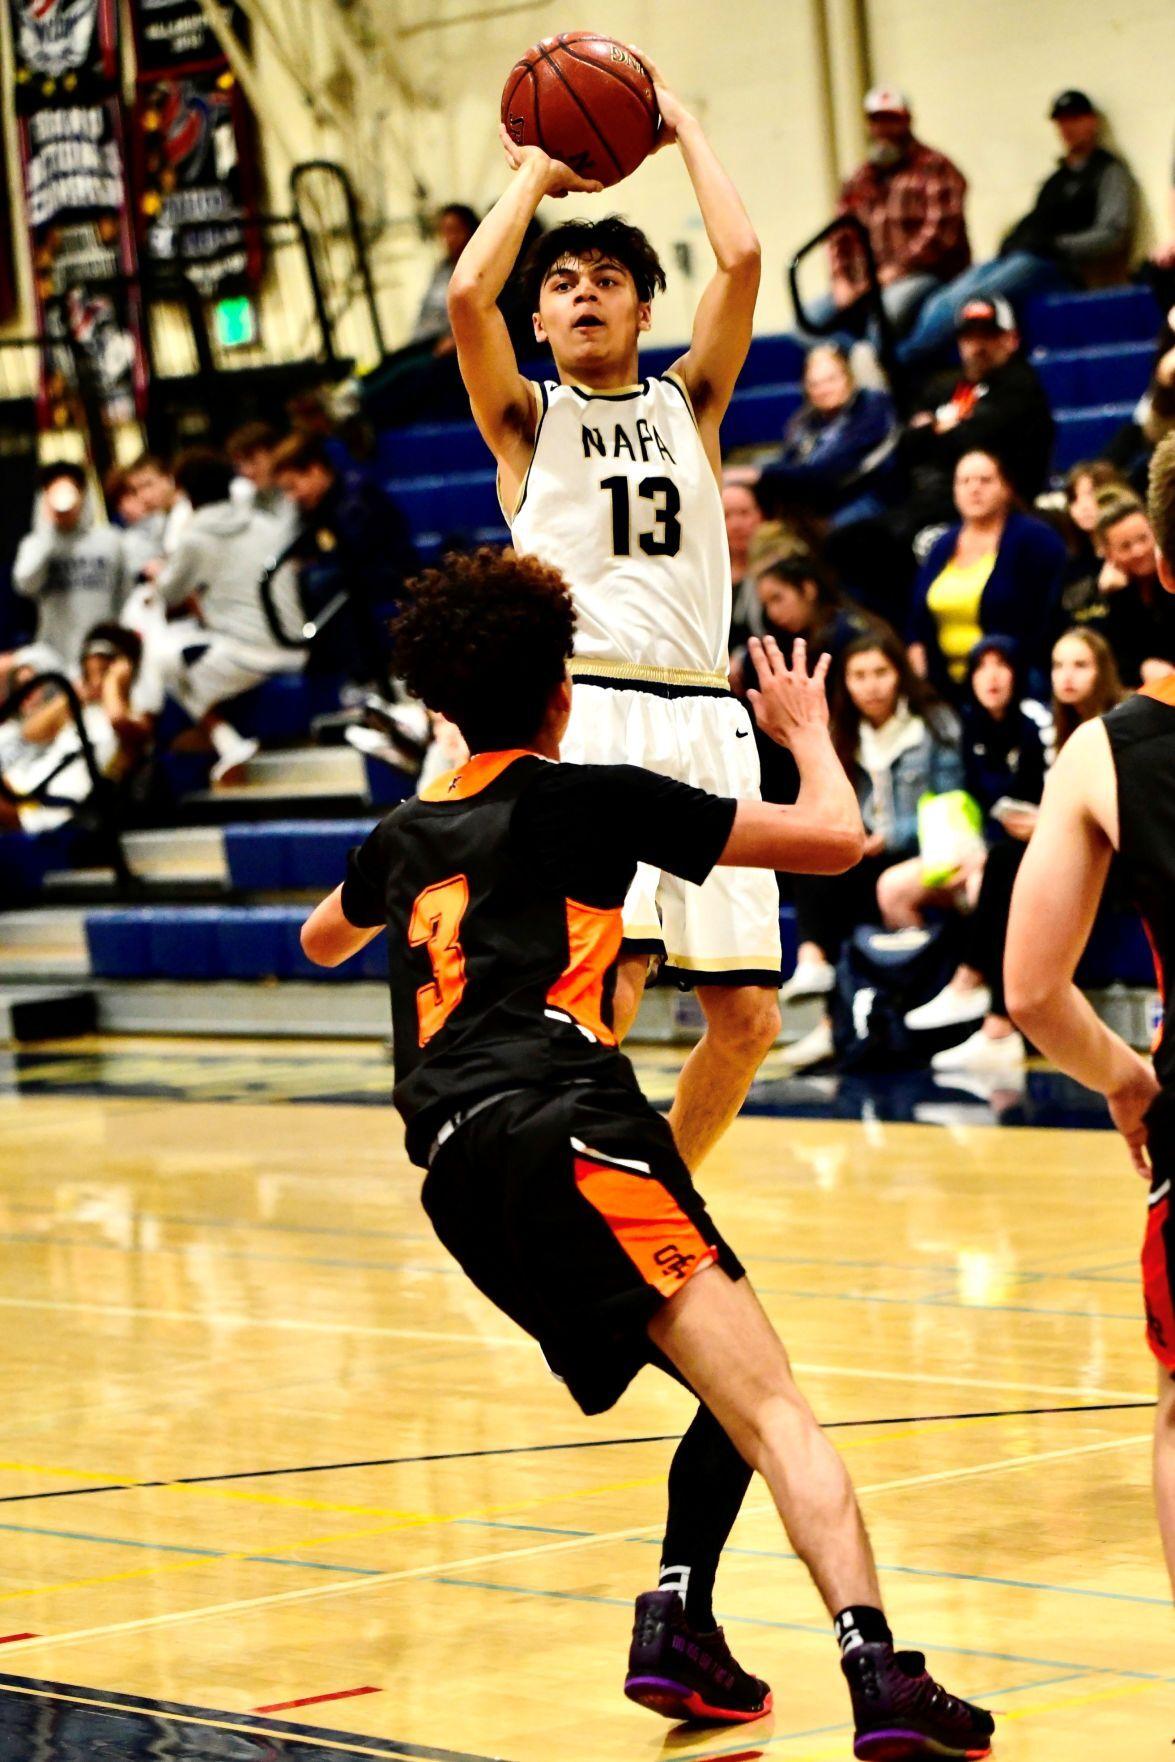 Napa high boys basketball